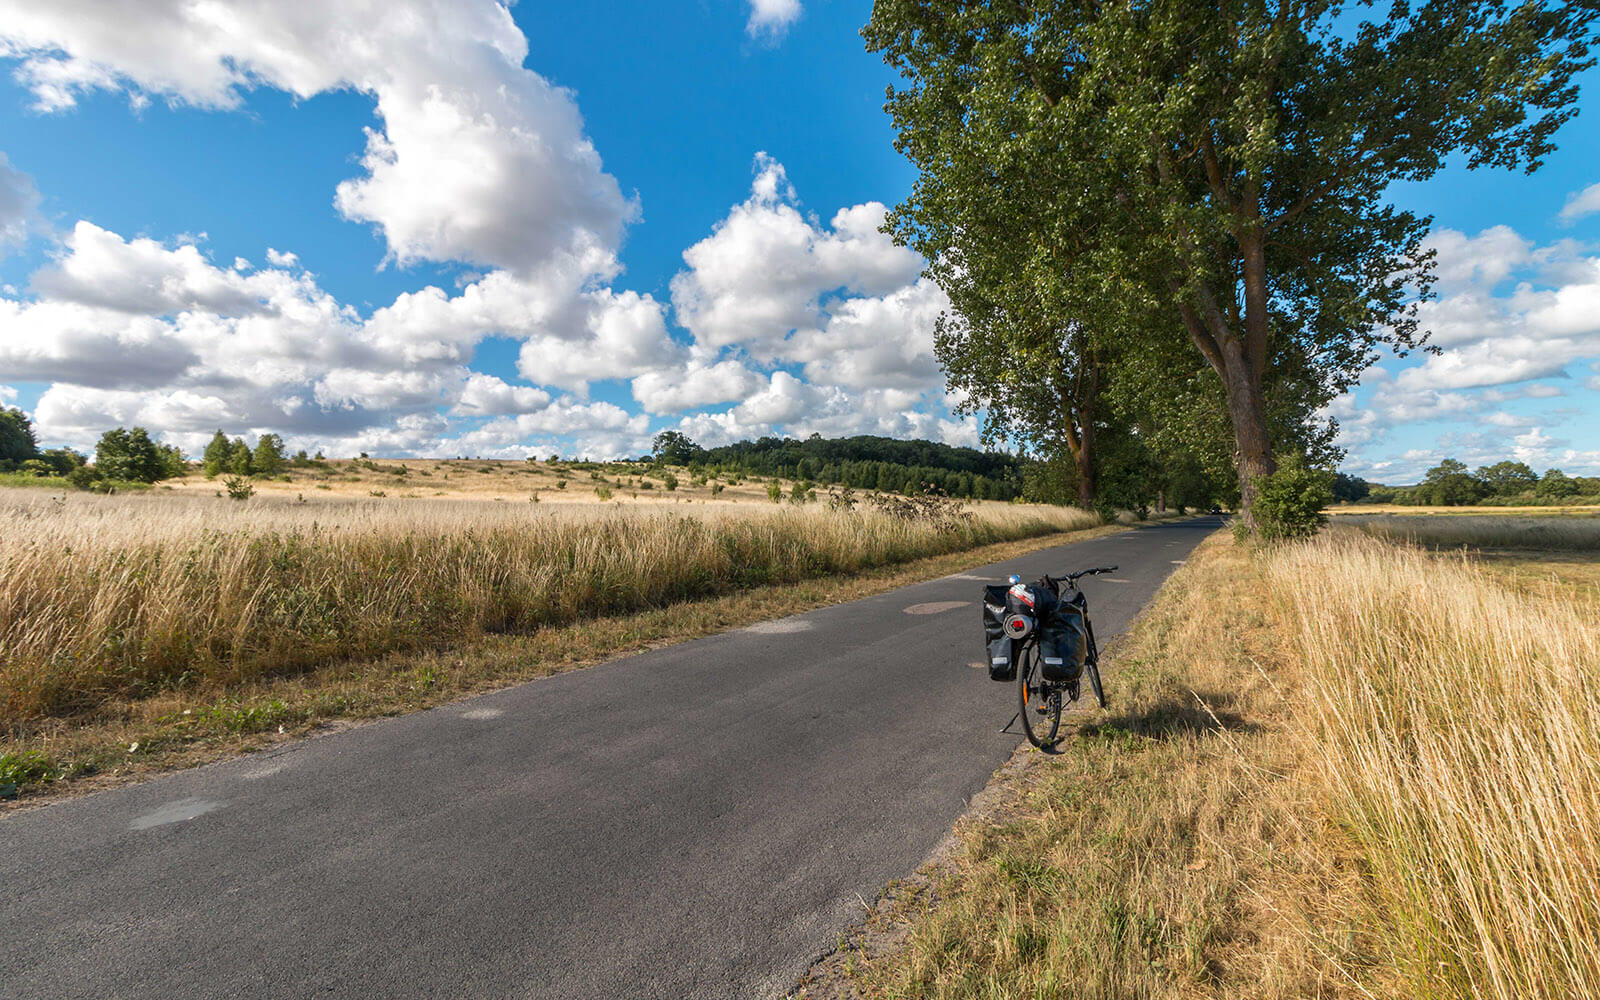 Podróż rowerowa powyspie wolin krajobraz